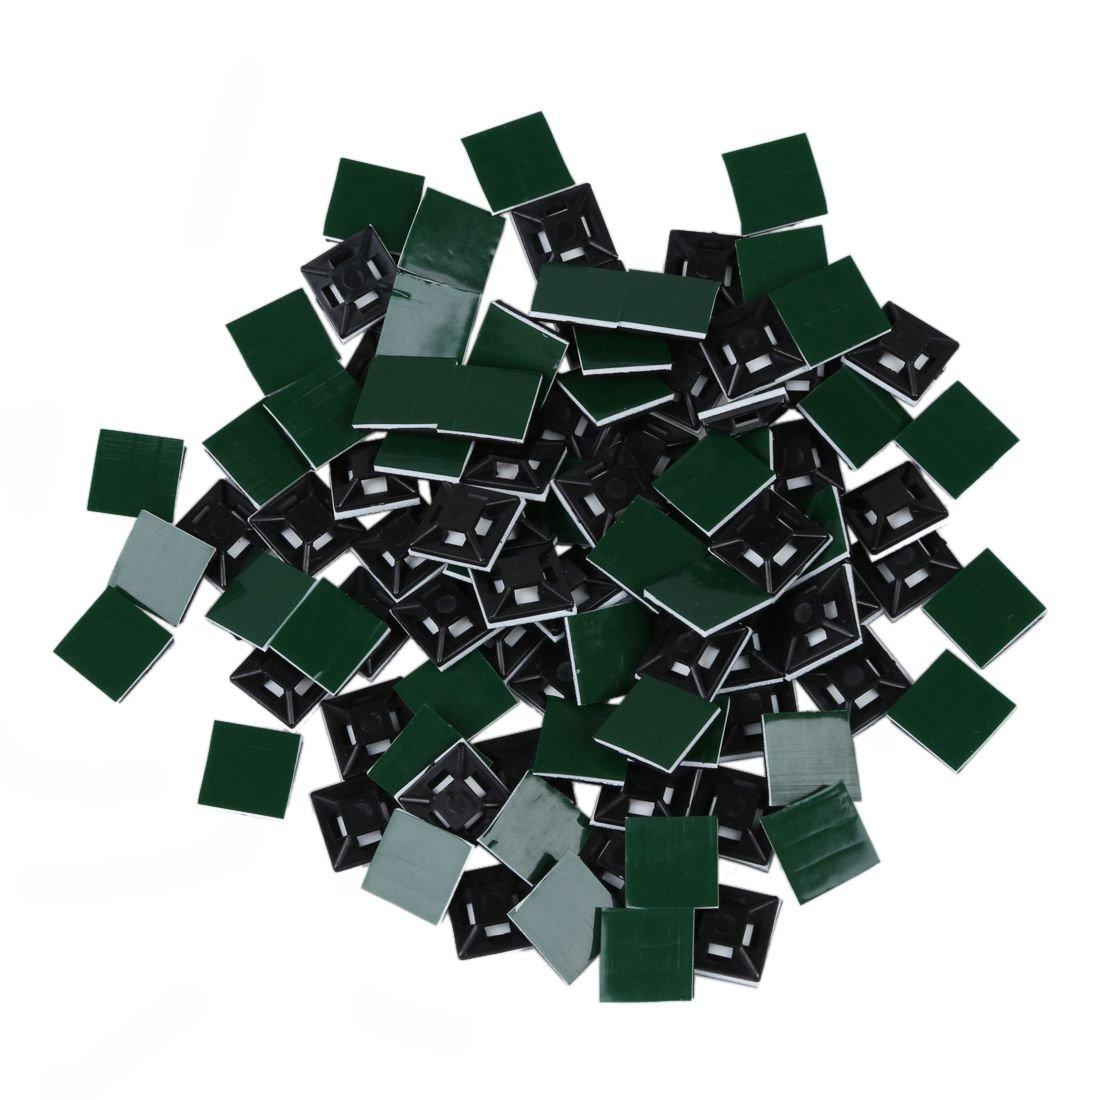 Base de atadura de cables autoadhesivo - SODIAL(R) Base de atadura de cables autoadhesivo de plastico de 13 mm x 13 mm negro 100 piezas 4330226132